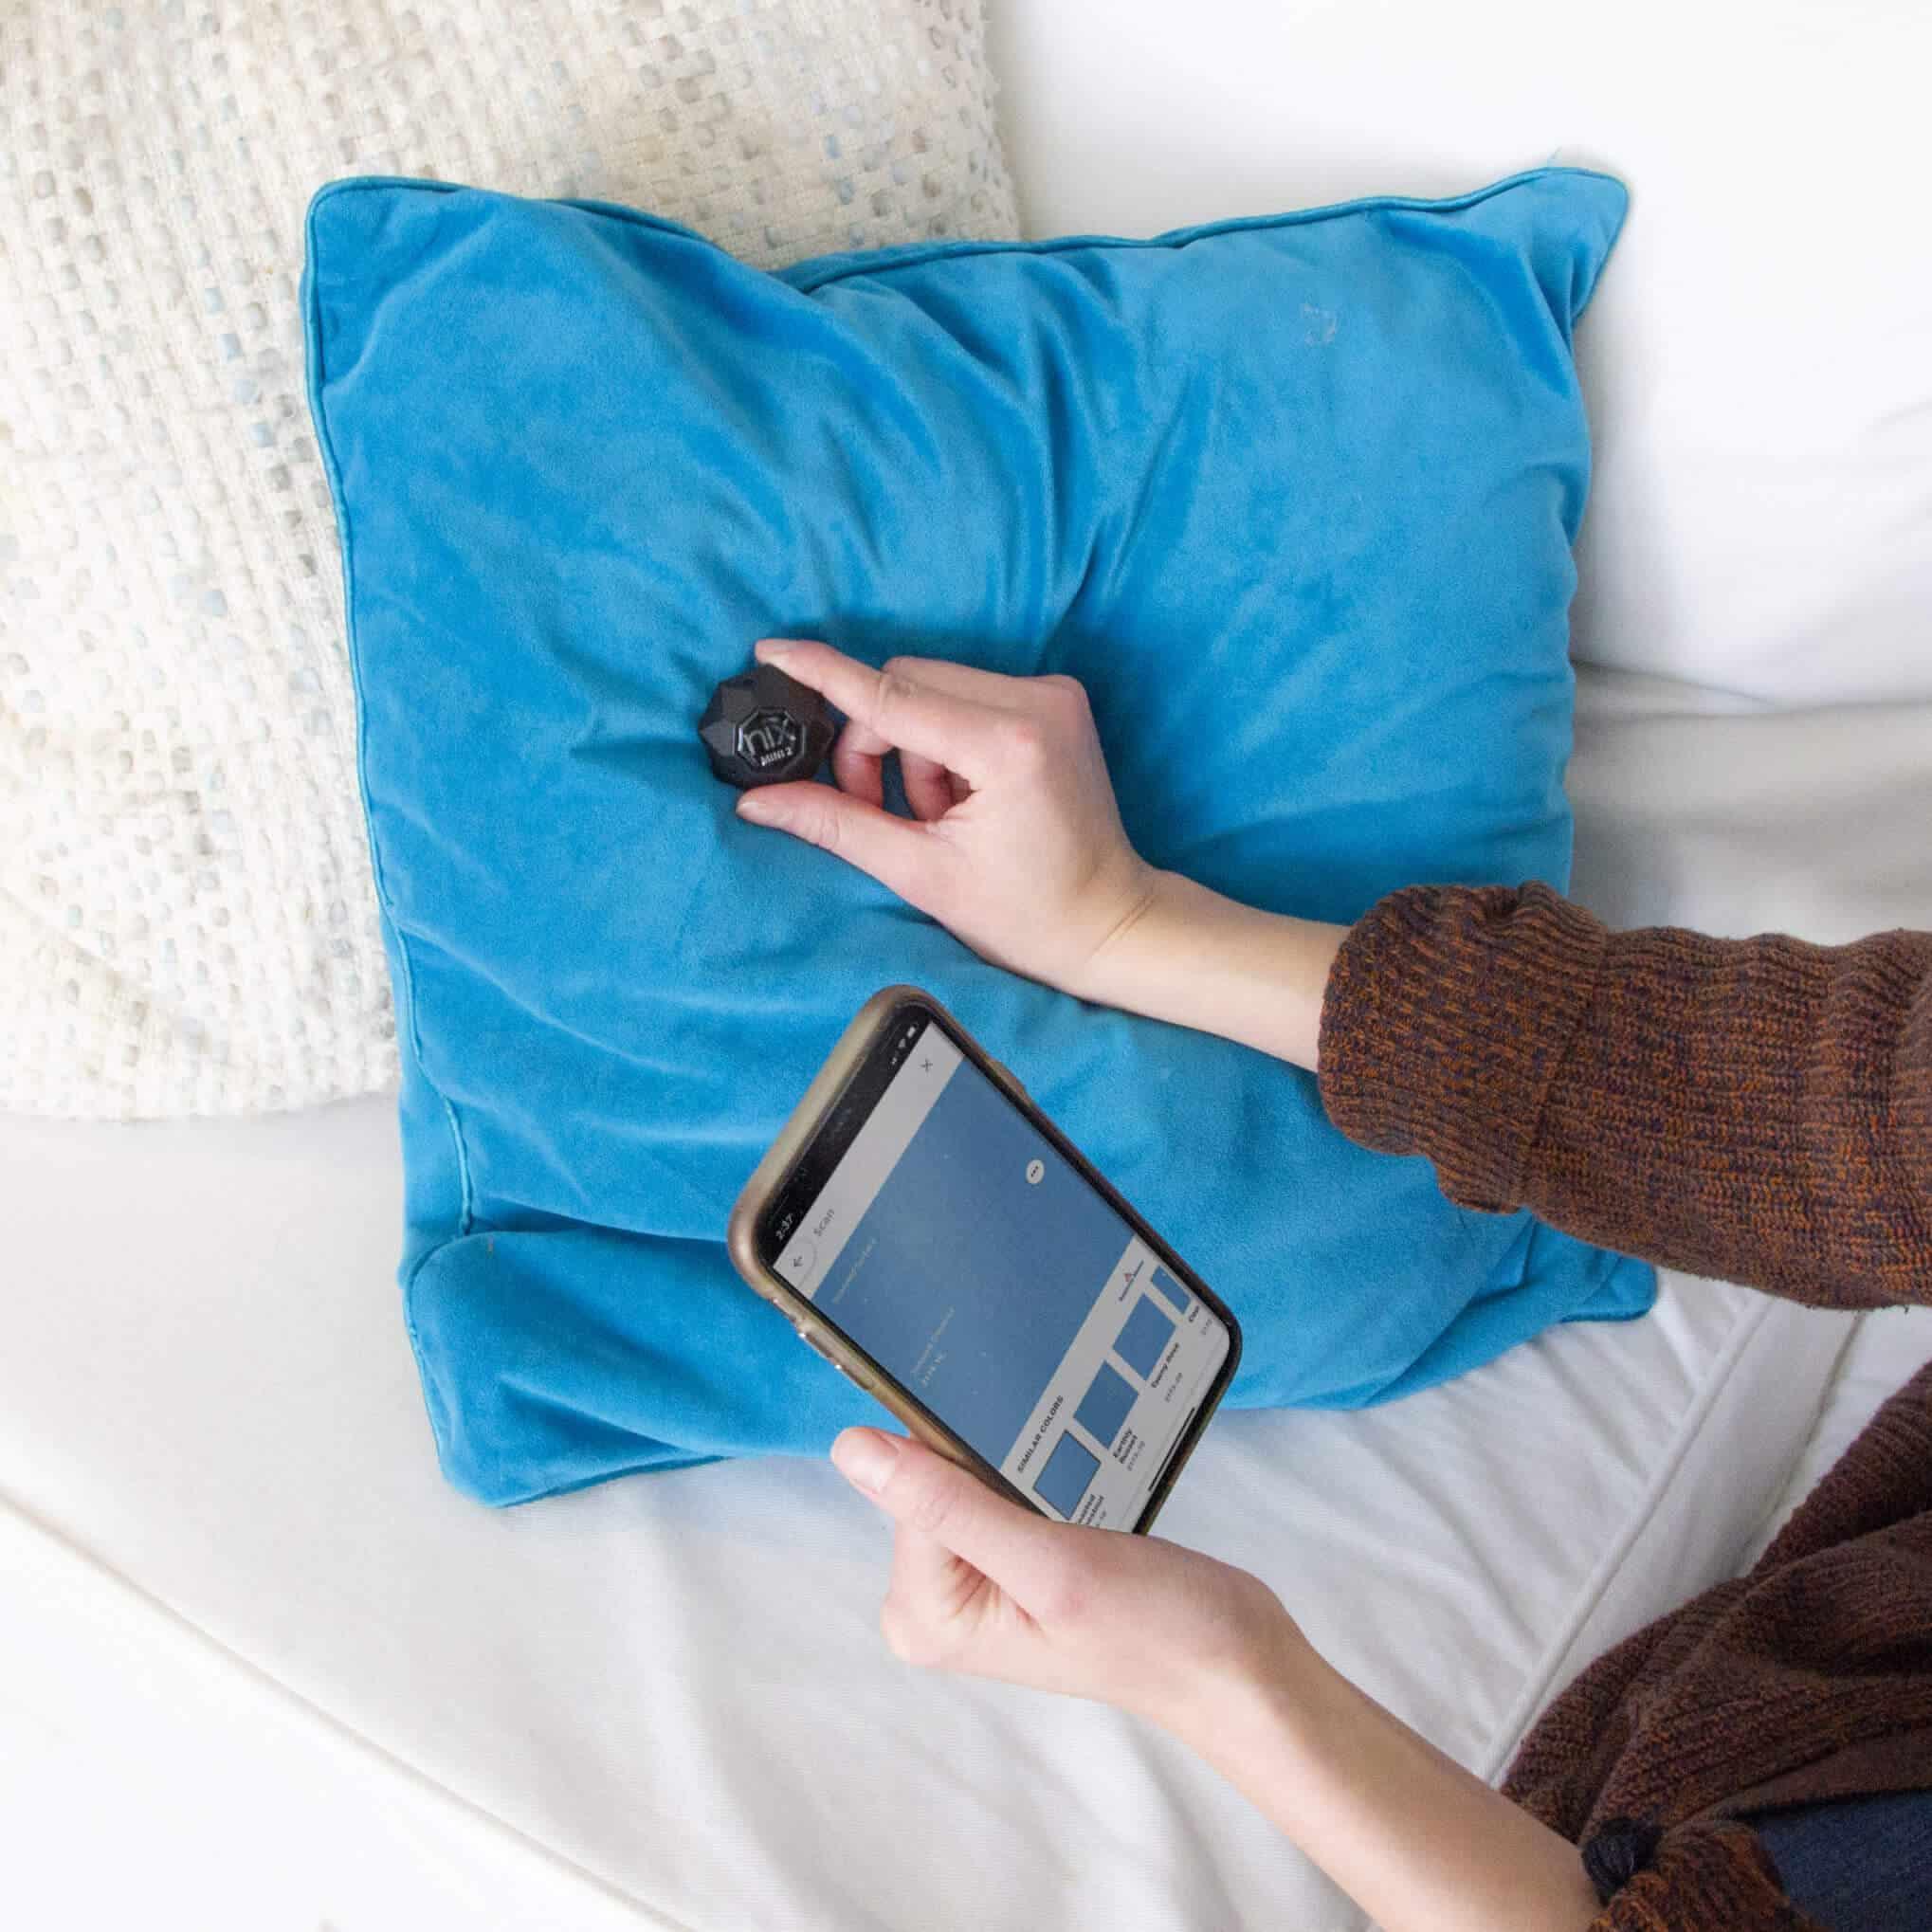 nix mini 2 color sensor the perfect